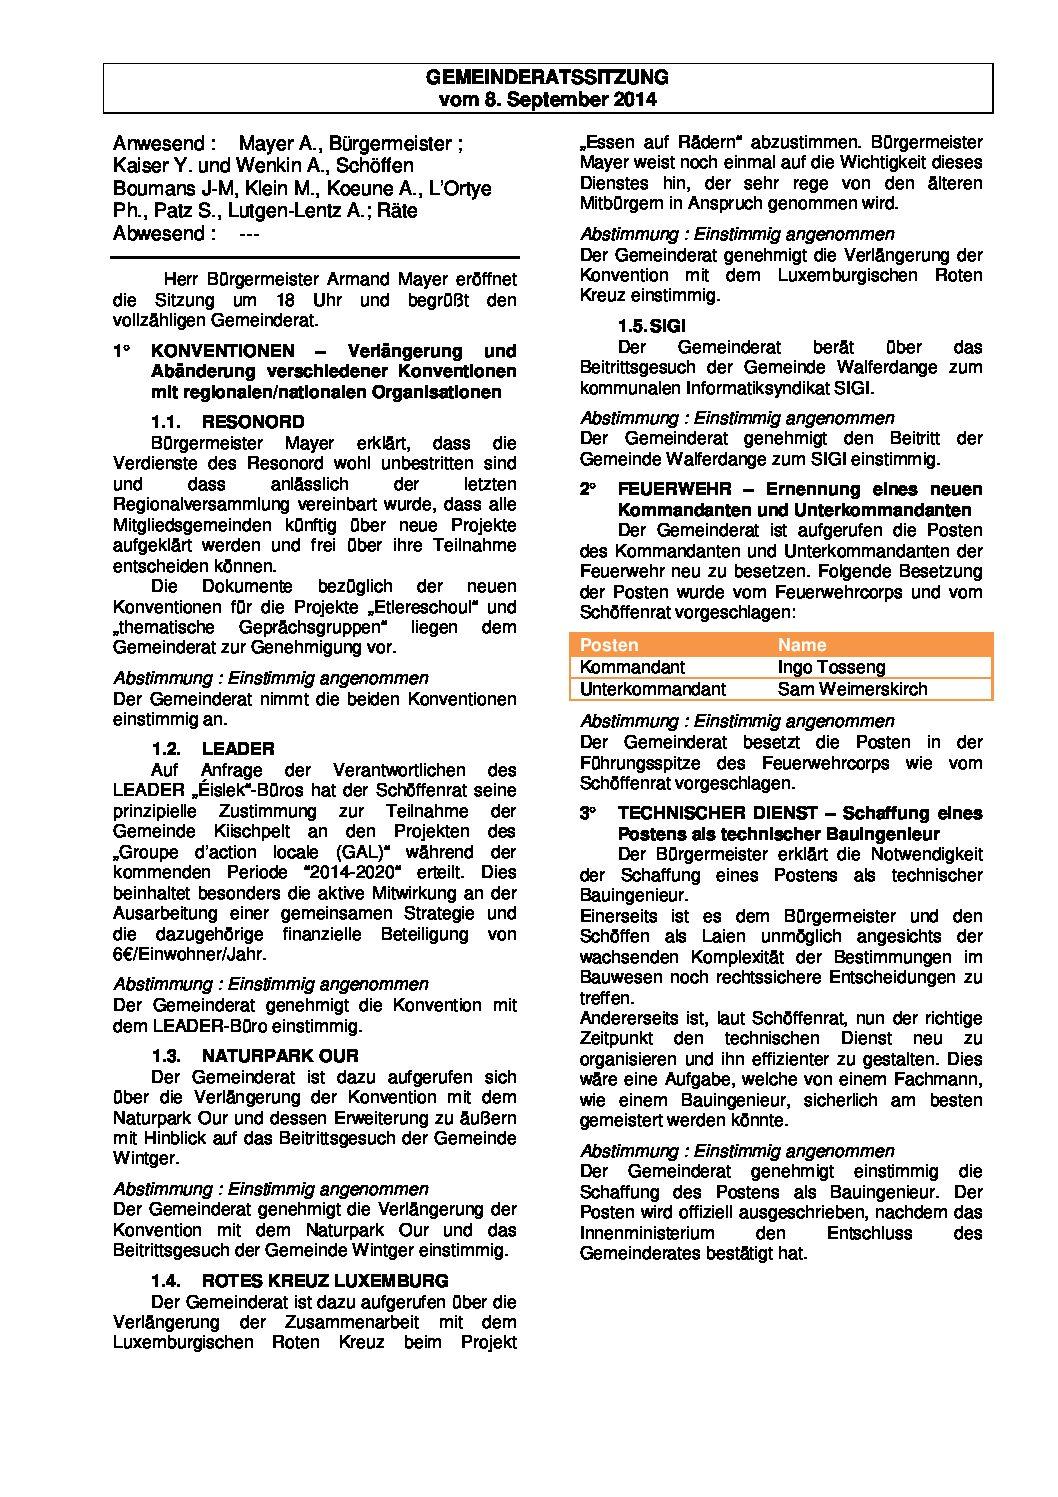 Gemeinderats Bericht vom 08.09.2014